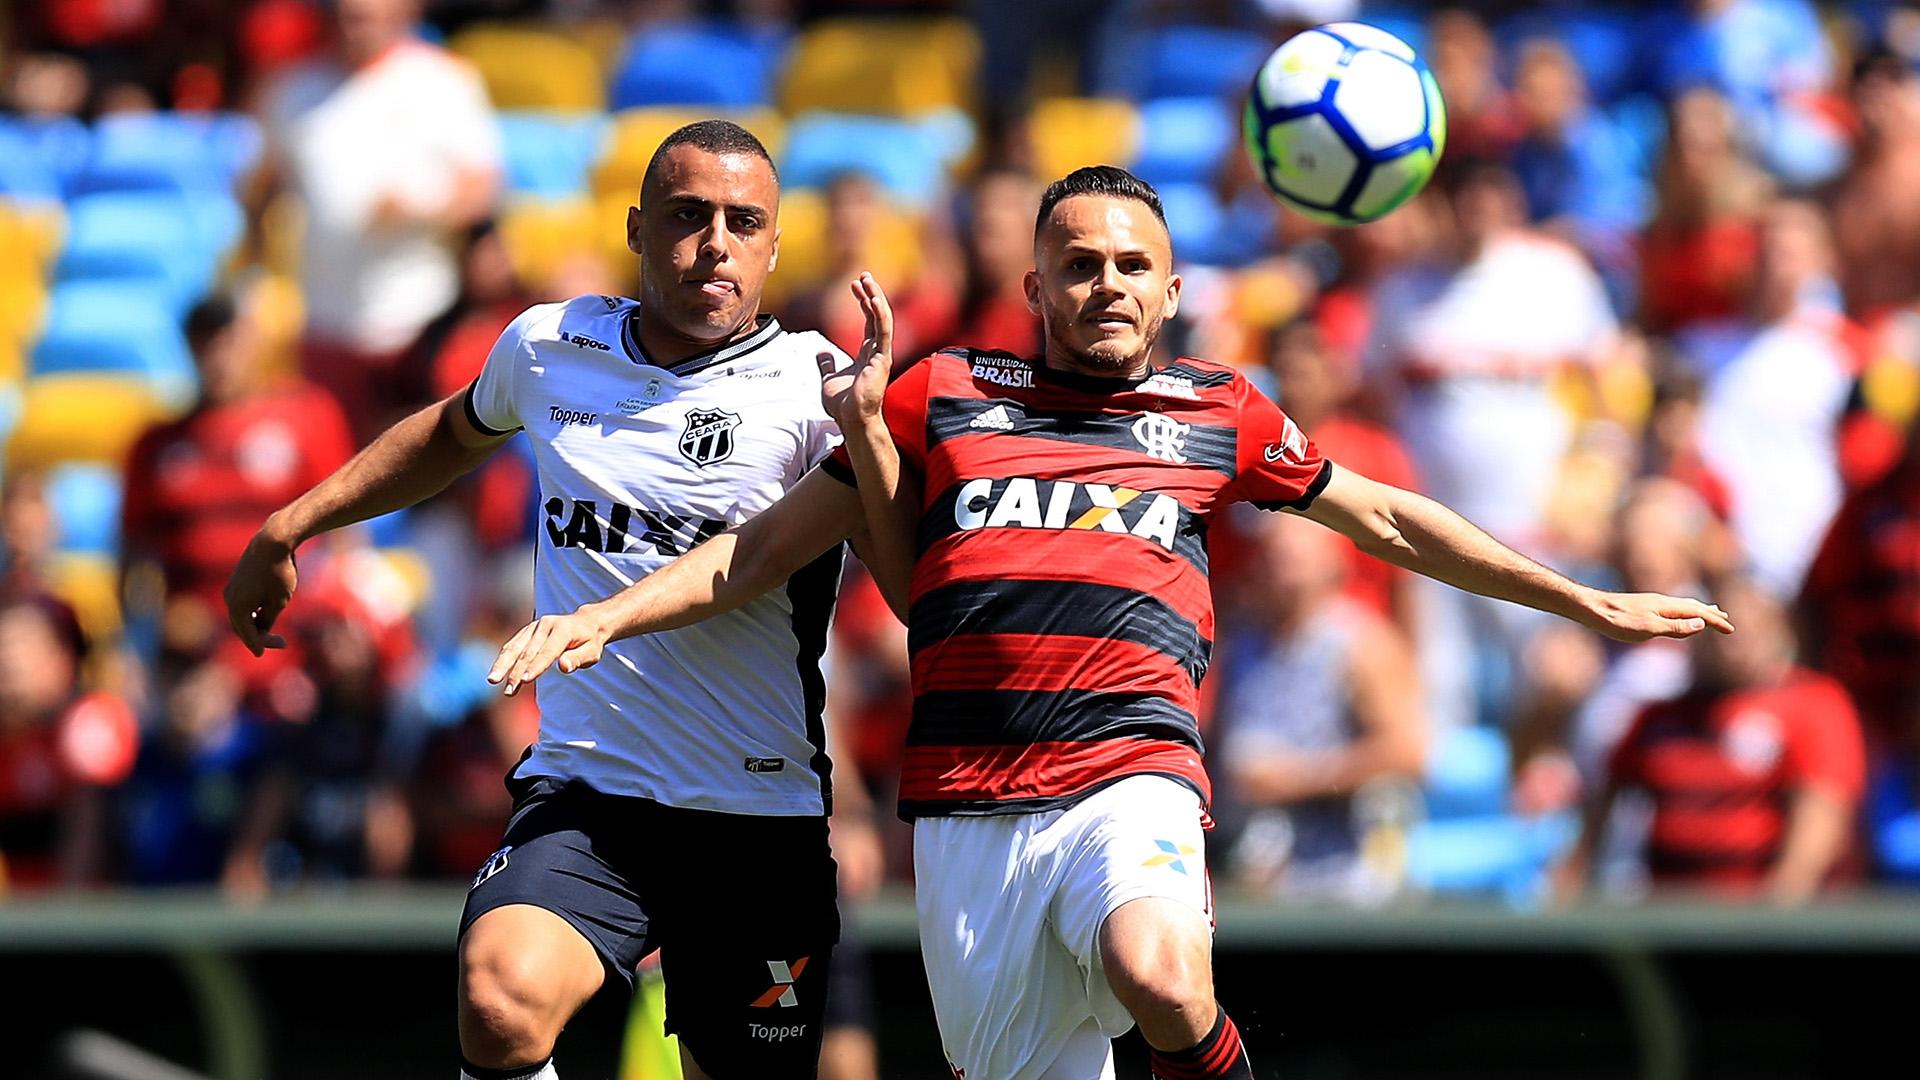 Arthur Cabral Rene Flamengo Ceara Brasileirao Serie A 02092018